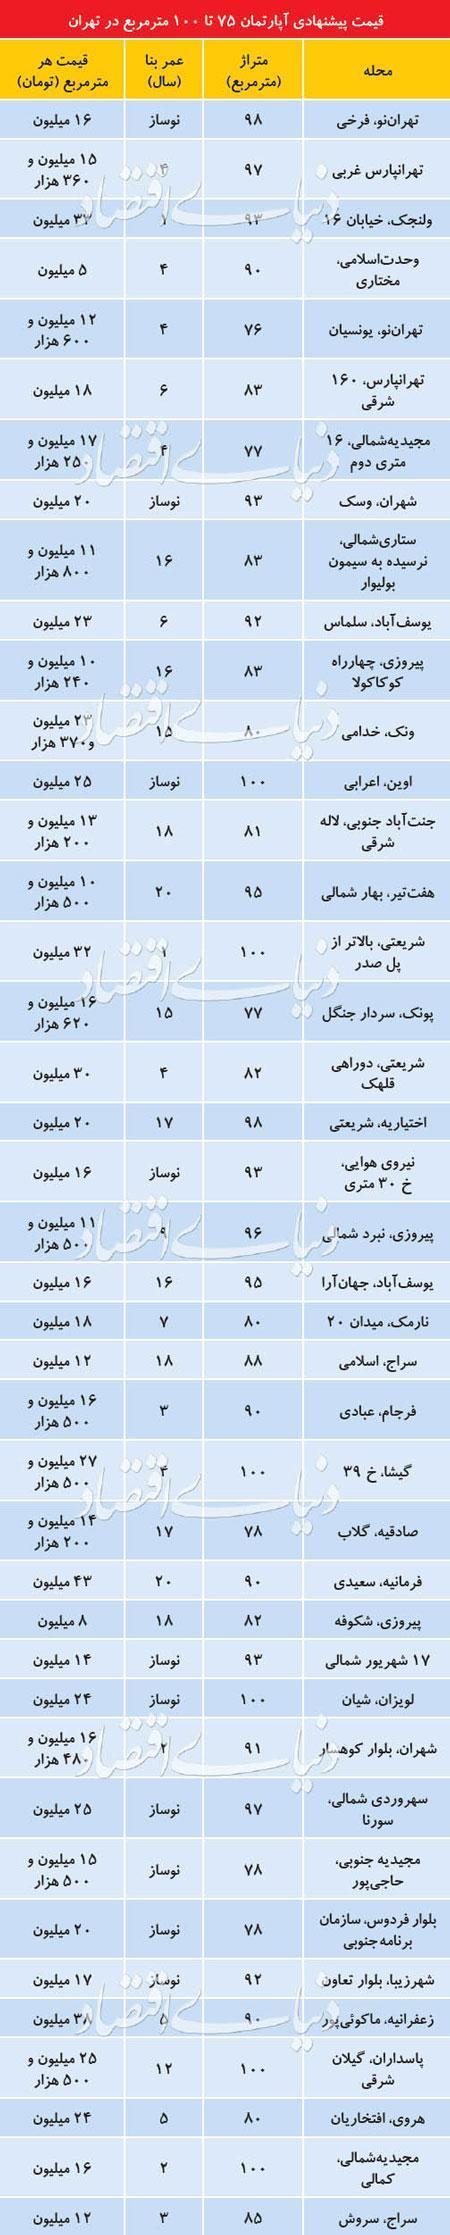 قیمت آپارتمان های 70 تا 100متری در تهران